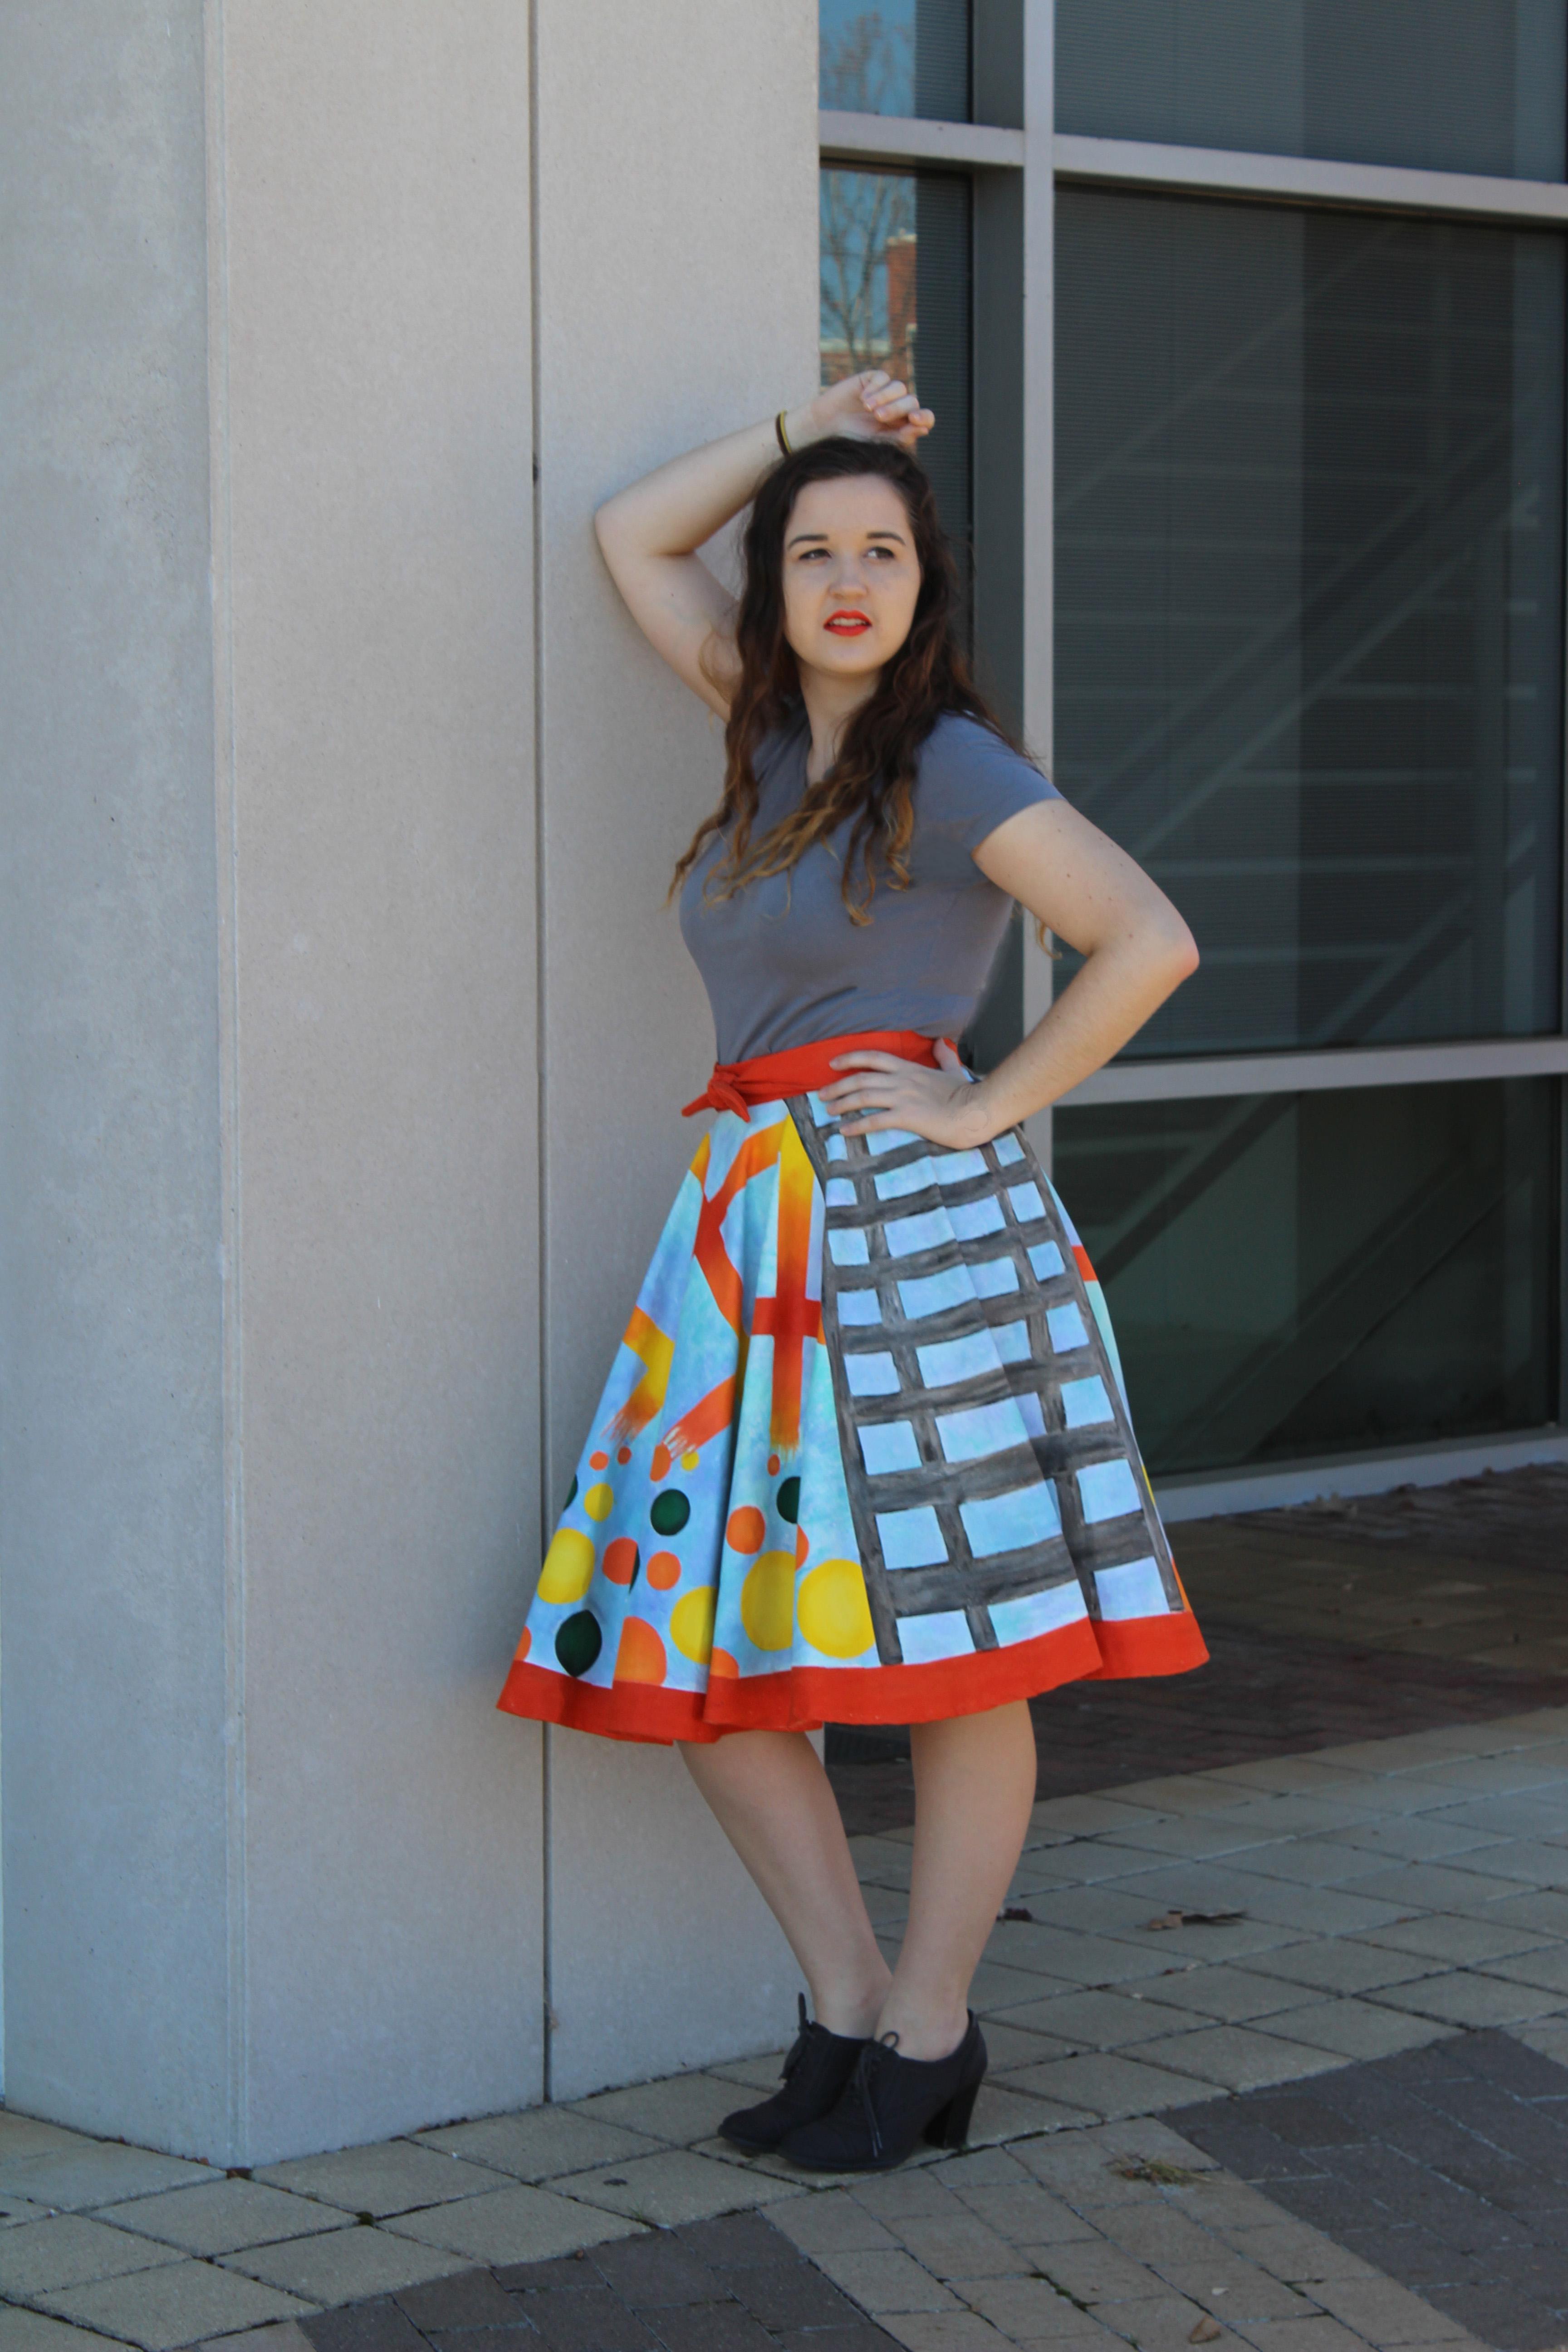 Modeled Skirt